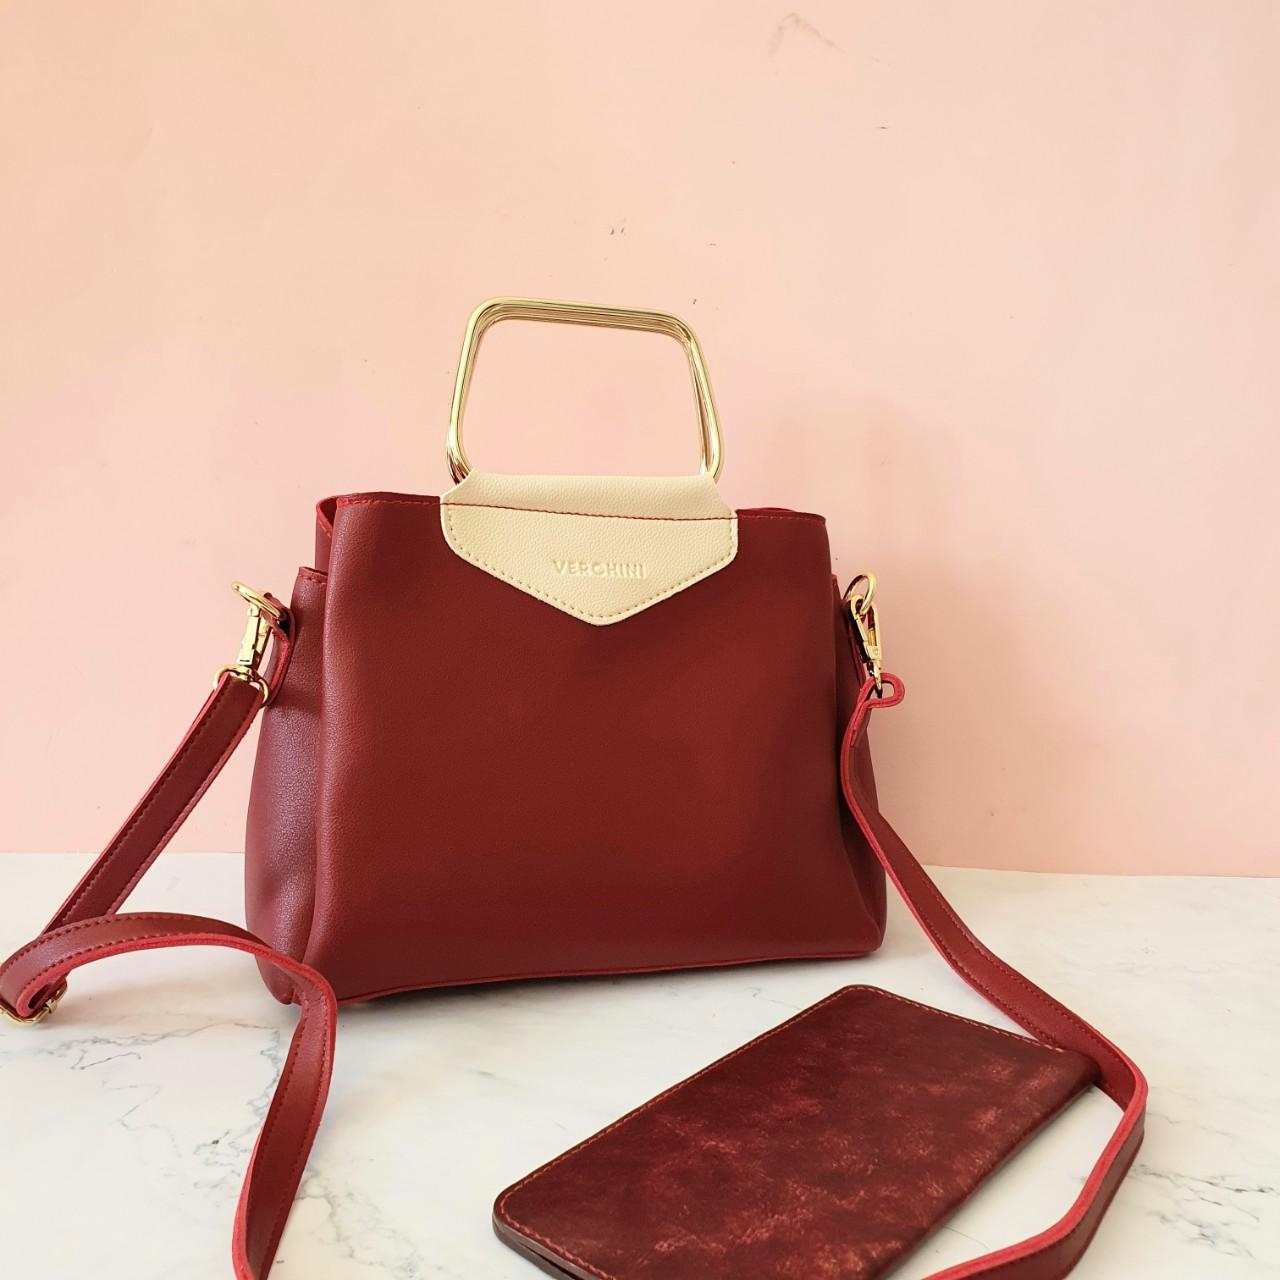 Túi xách thời trang Verchini phối quai hình thang